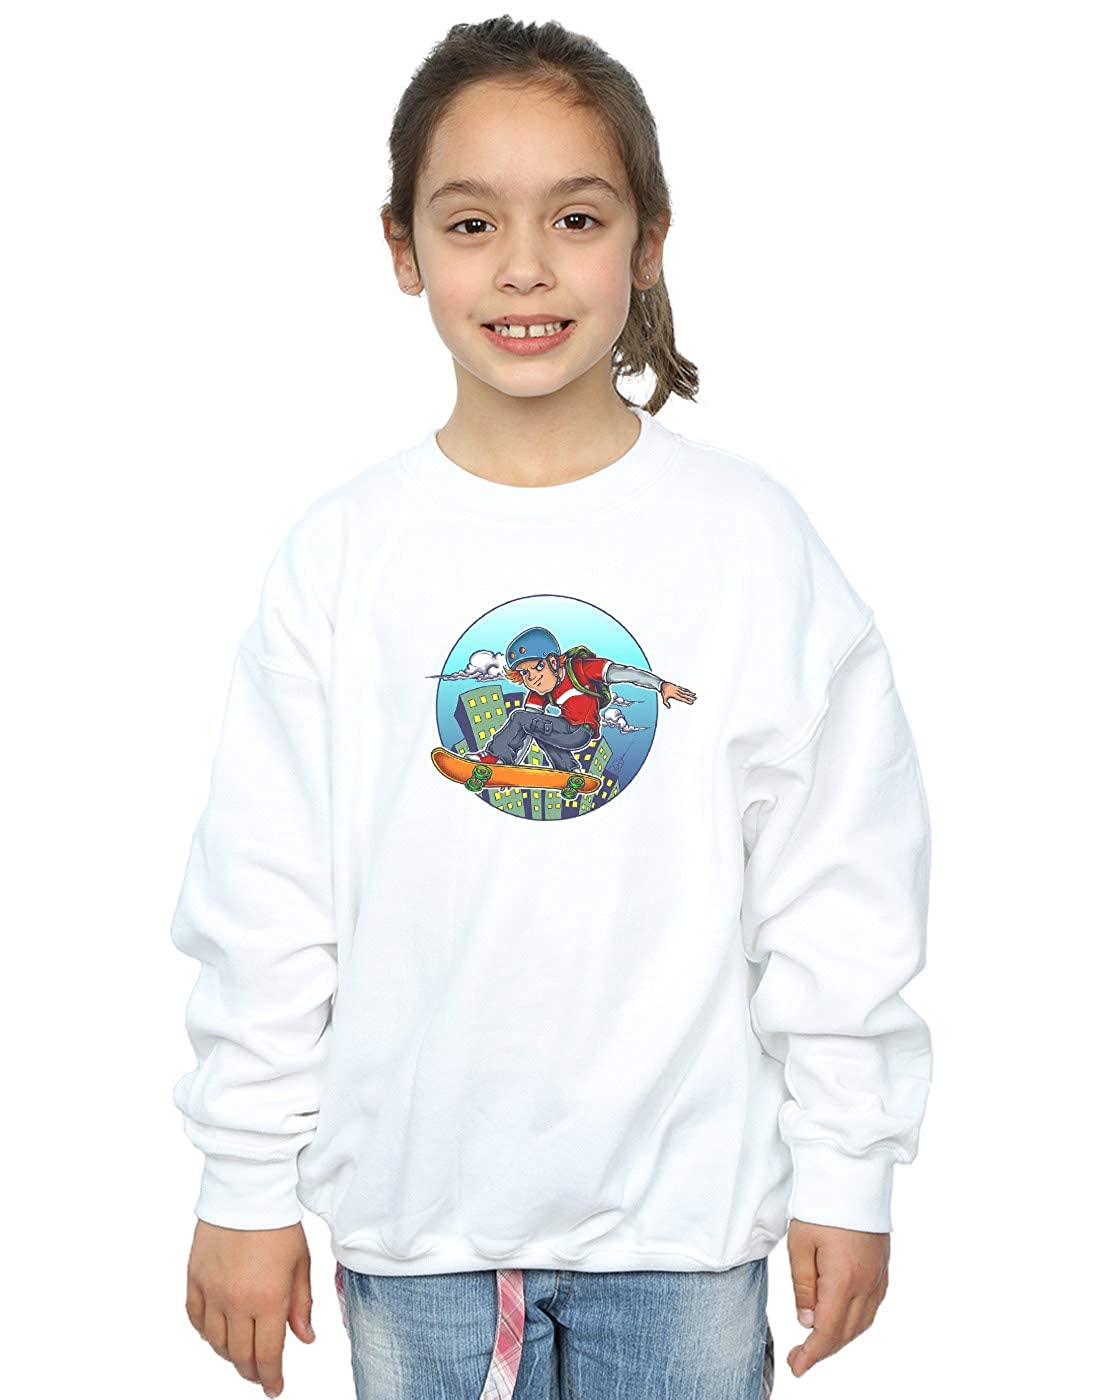 Drewbacca Girls City Skater Sweatshirt